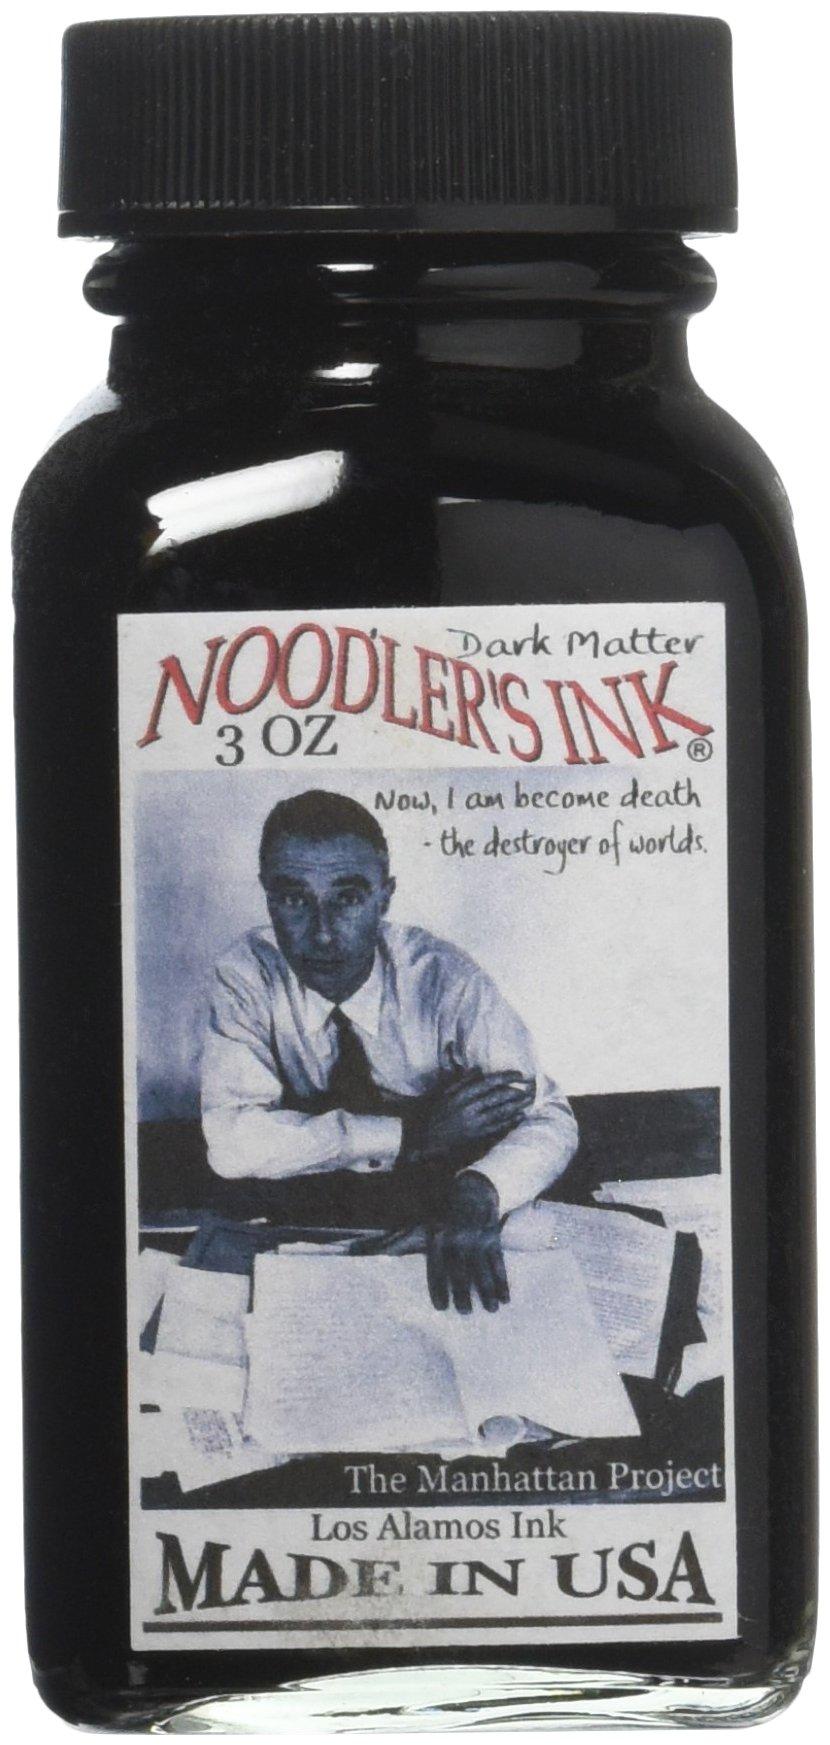 Noodlers Ink 3 Oz Dark Matter by Noodler's (Image #1)